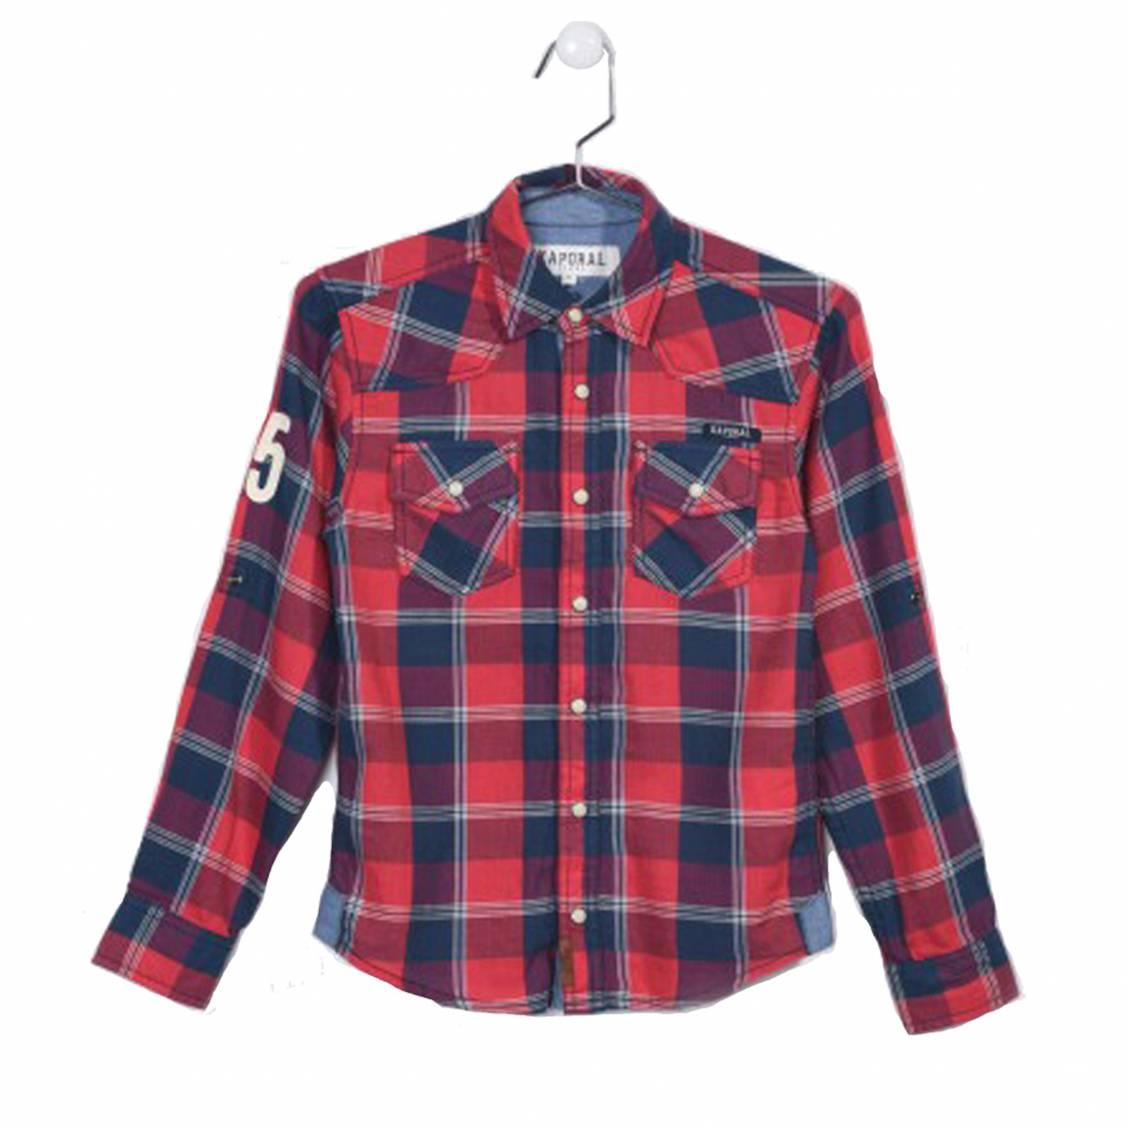 Chemise droite  niels en coton à carreaux rouges, bleu marine et blancs, floquée au dos